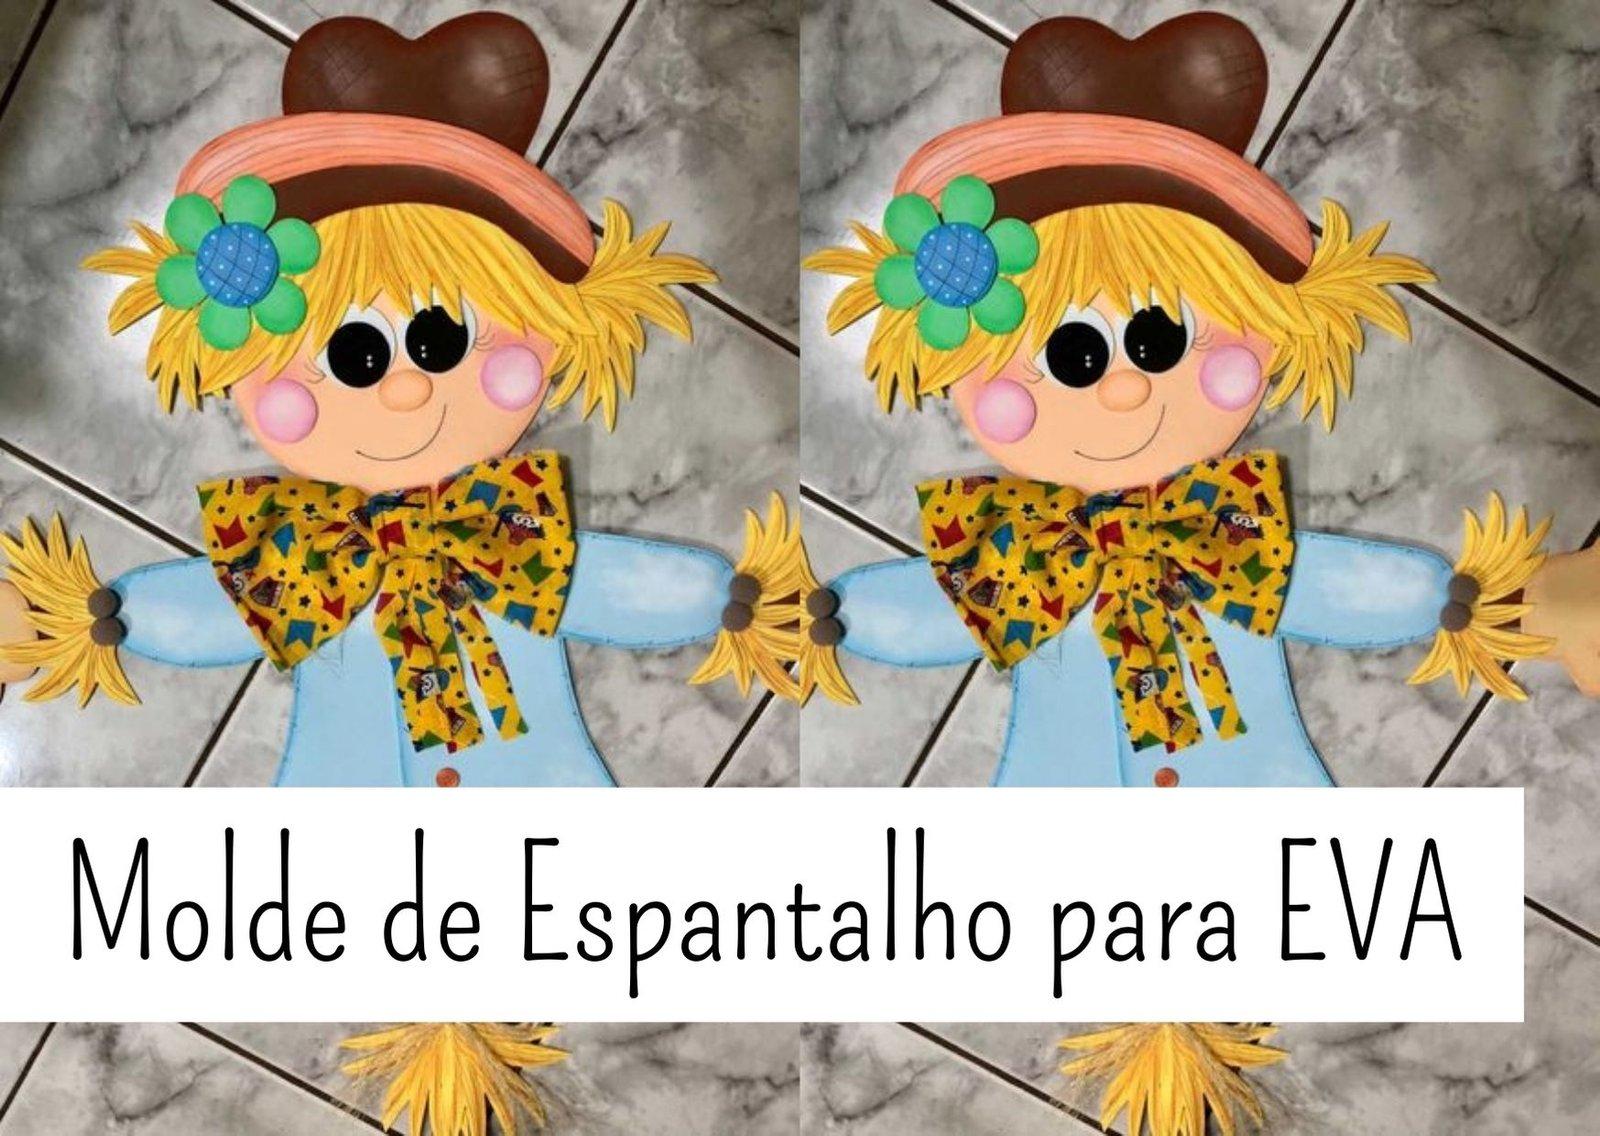 Molde de Espantalho de EVA para Artesanato Grátis!